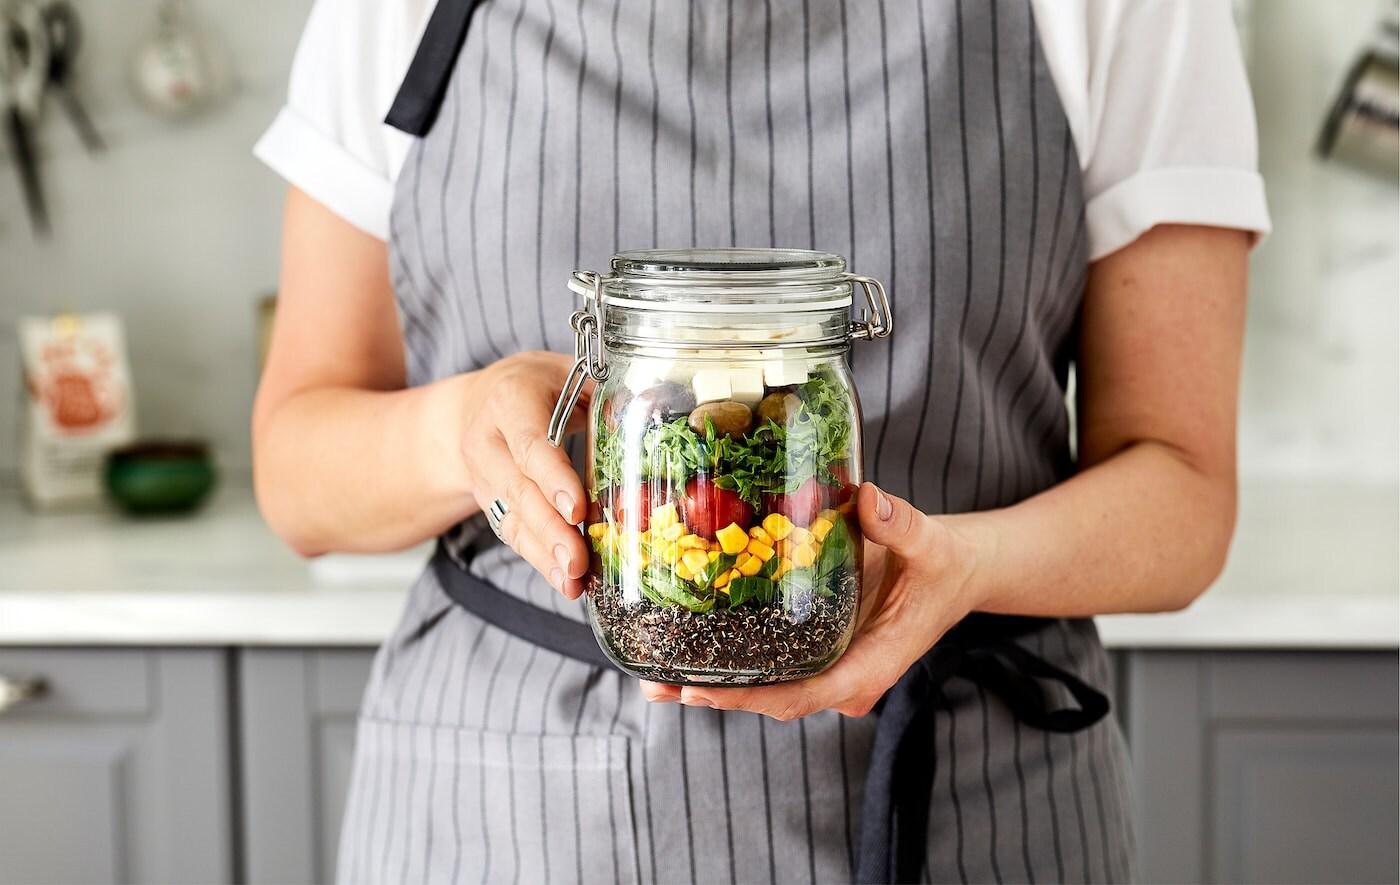 Eine Frau steht in einer Schürze in einer Küche und hält ein Einweckglas mit Schichtsalat.